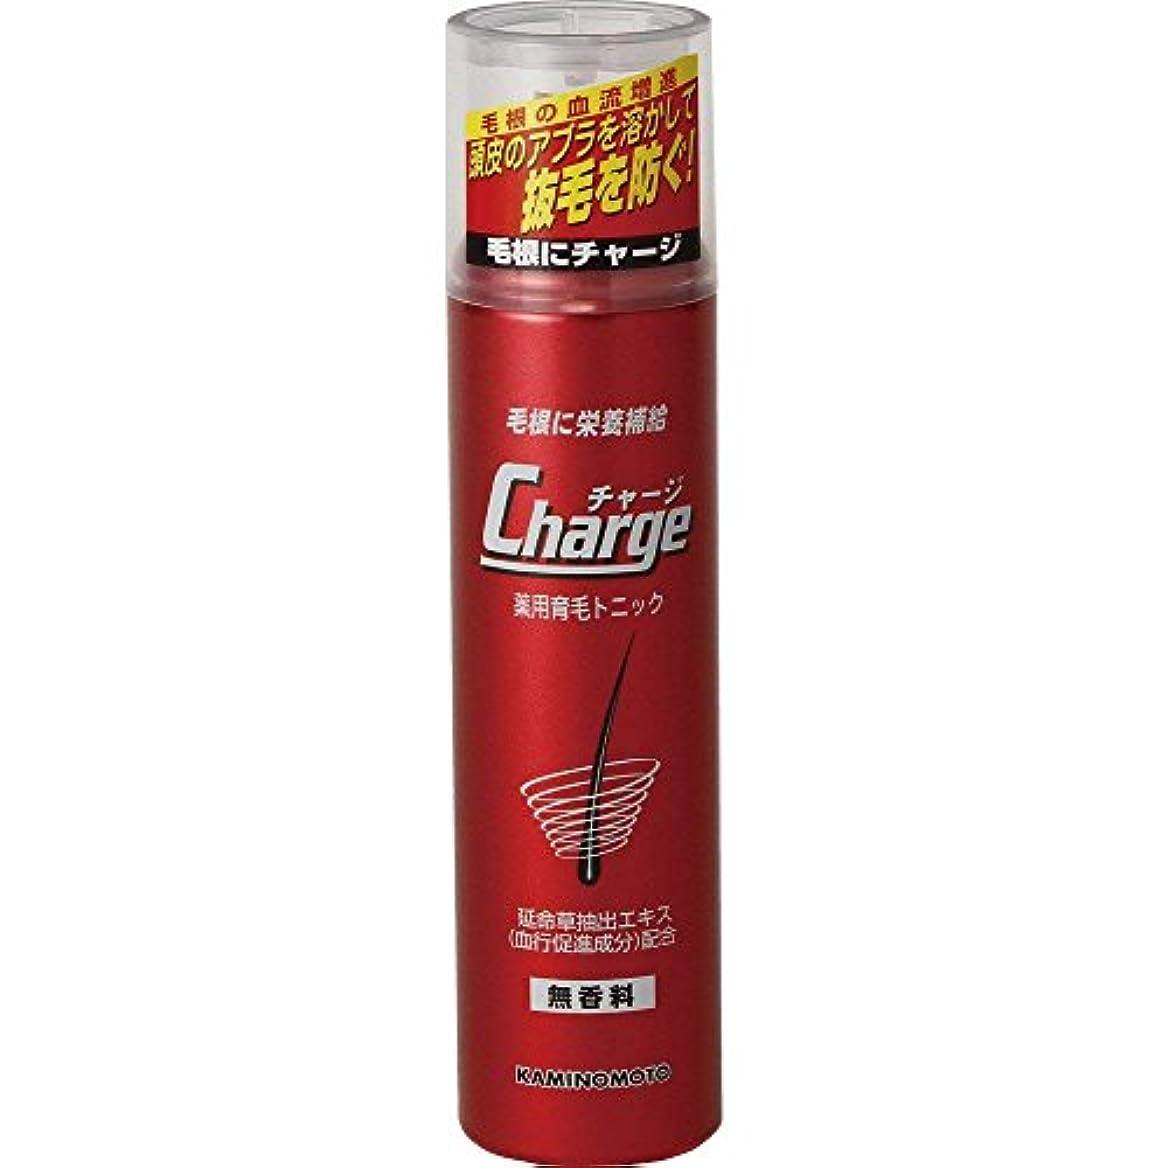 光電回復海外チャージ薬用育毛トニック 無香料 170g×3個